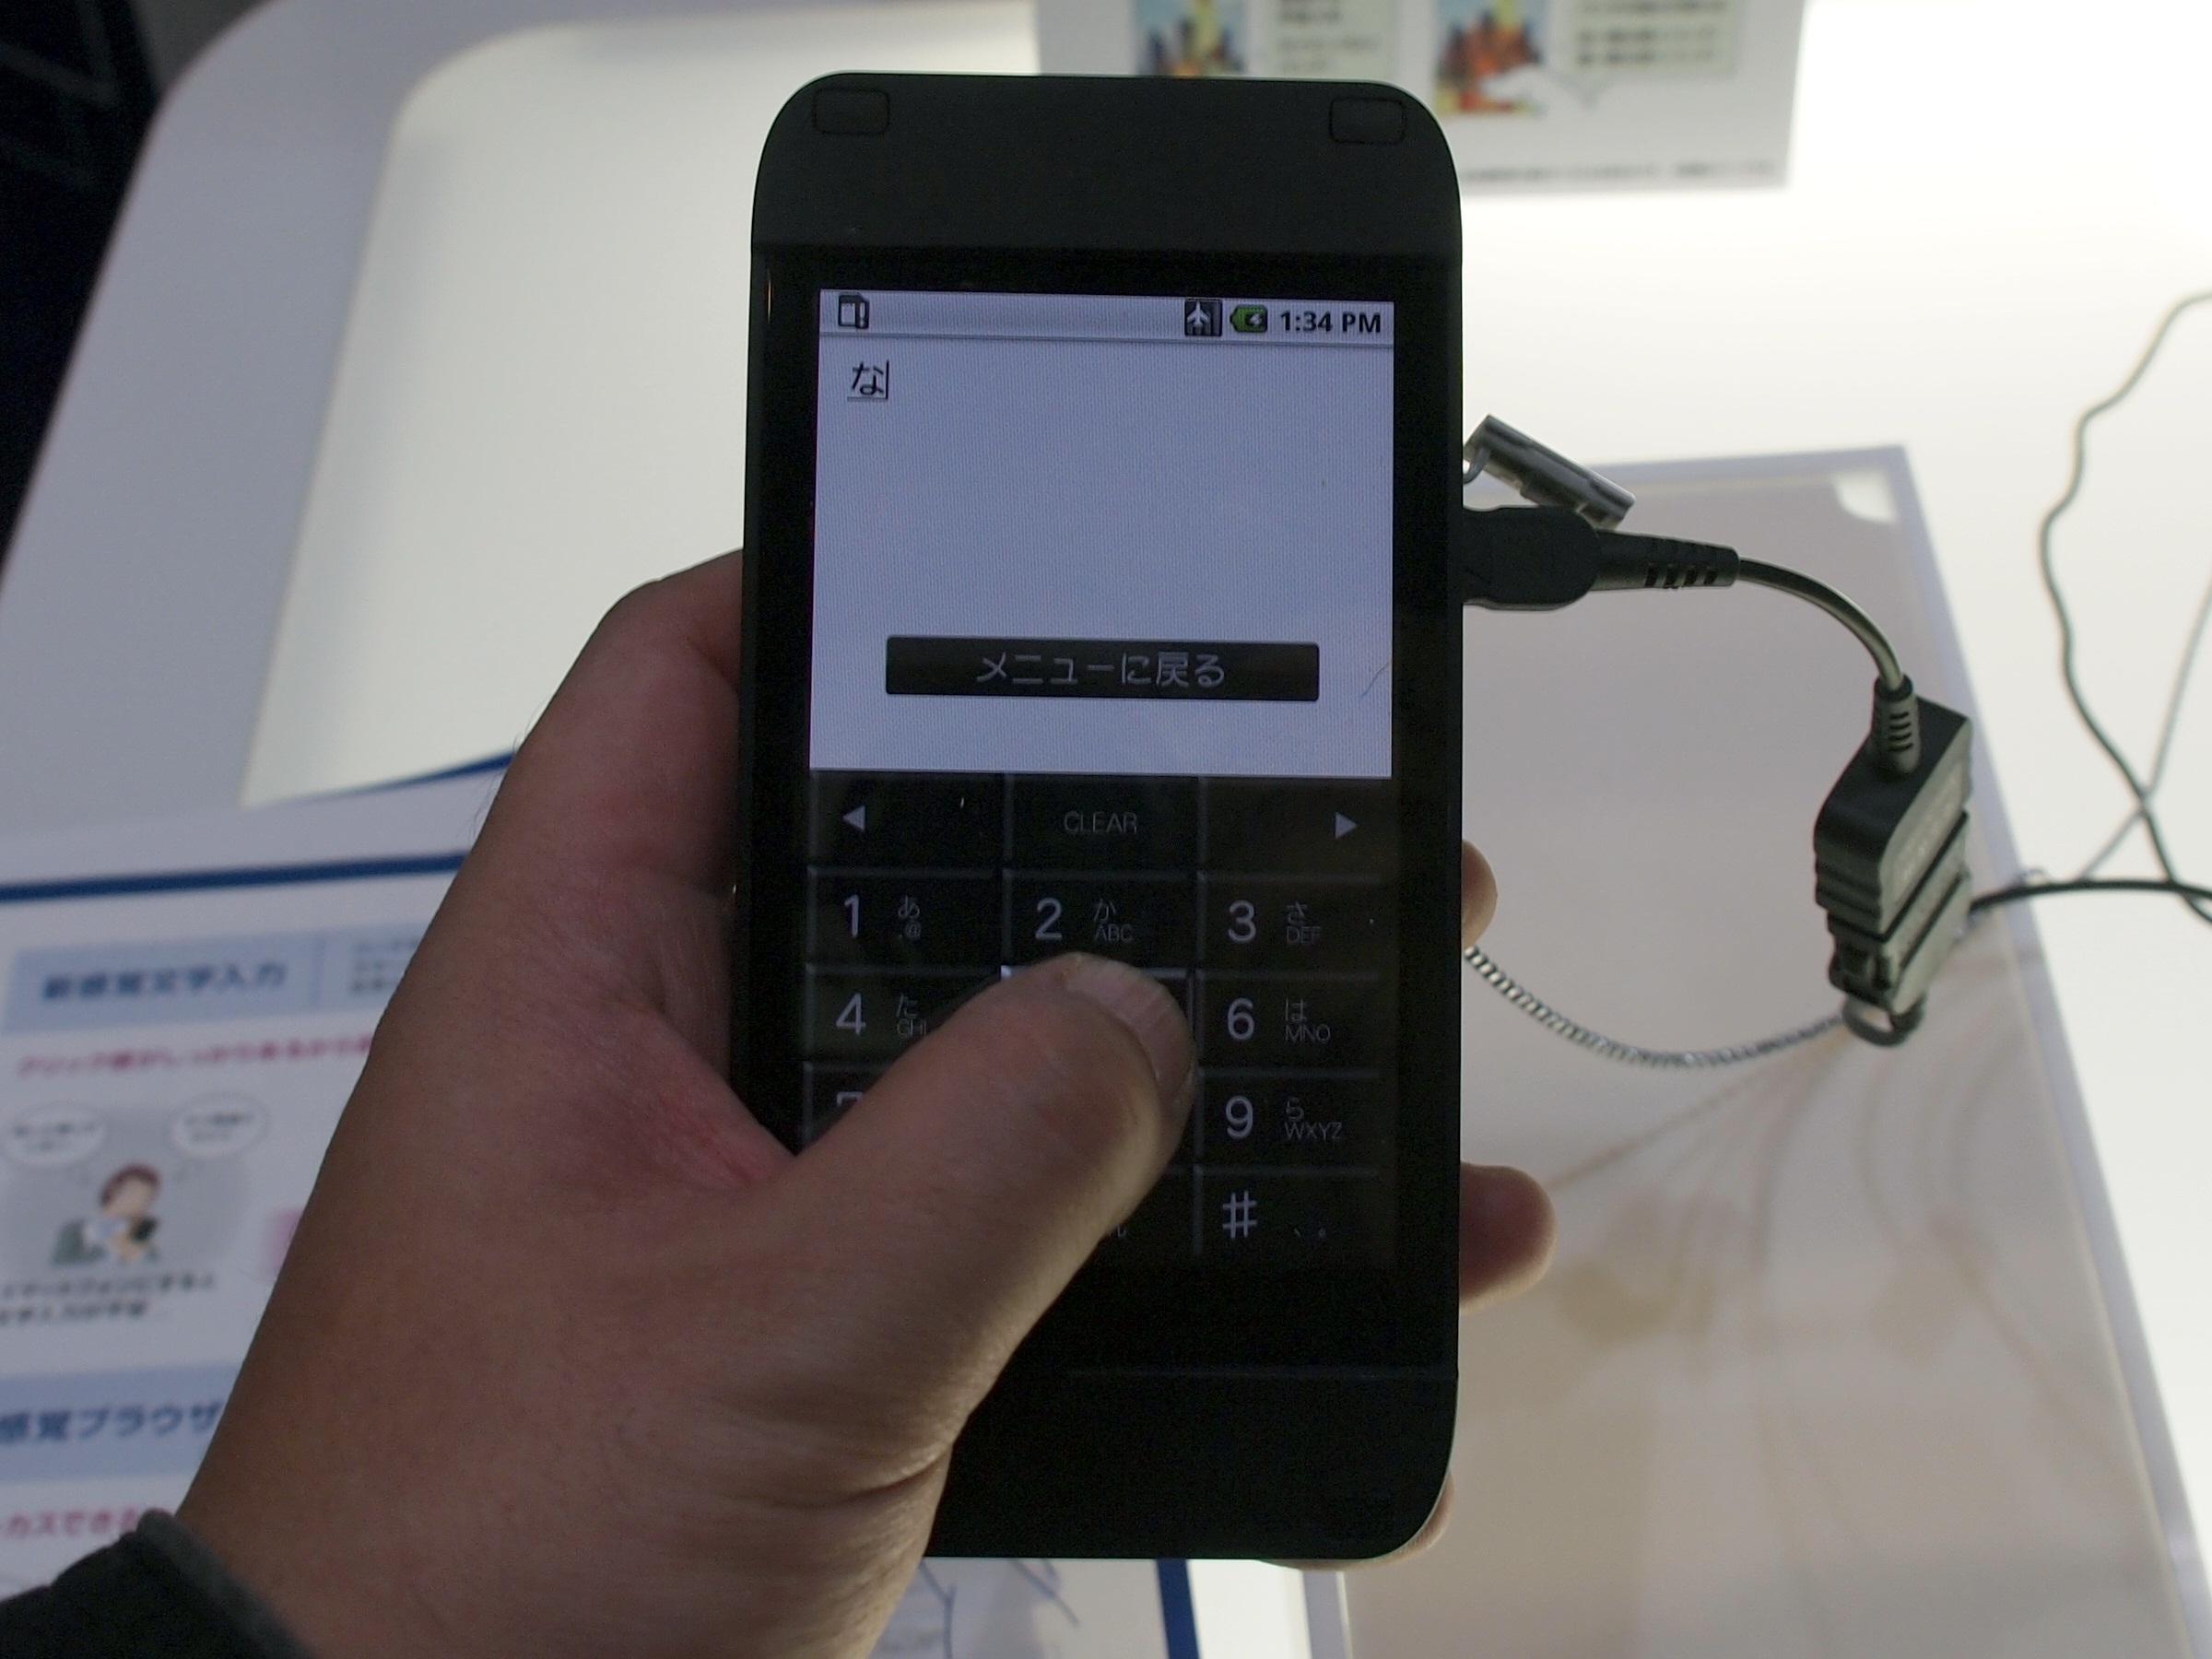 キークリック感を再現する「新感覚スマートフォン」